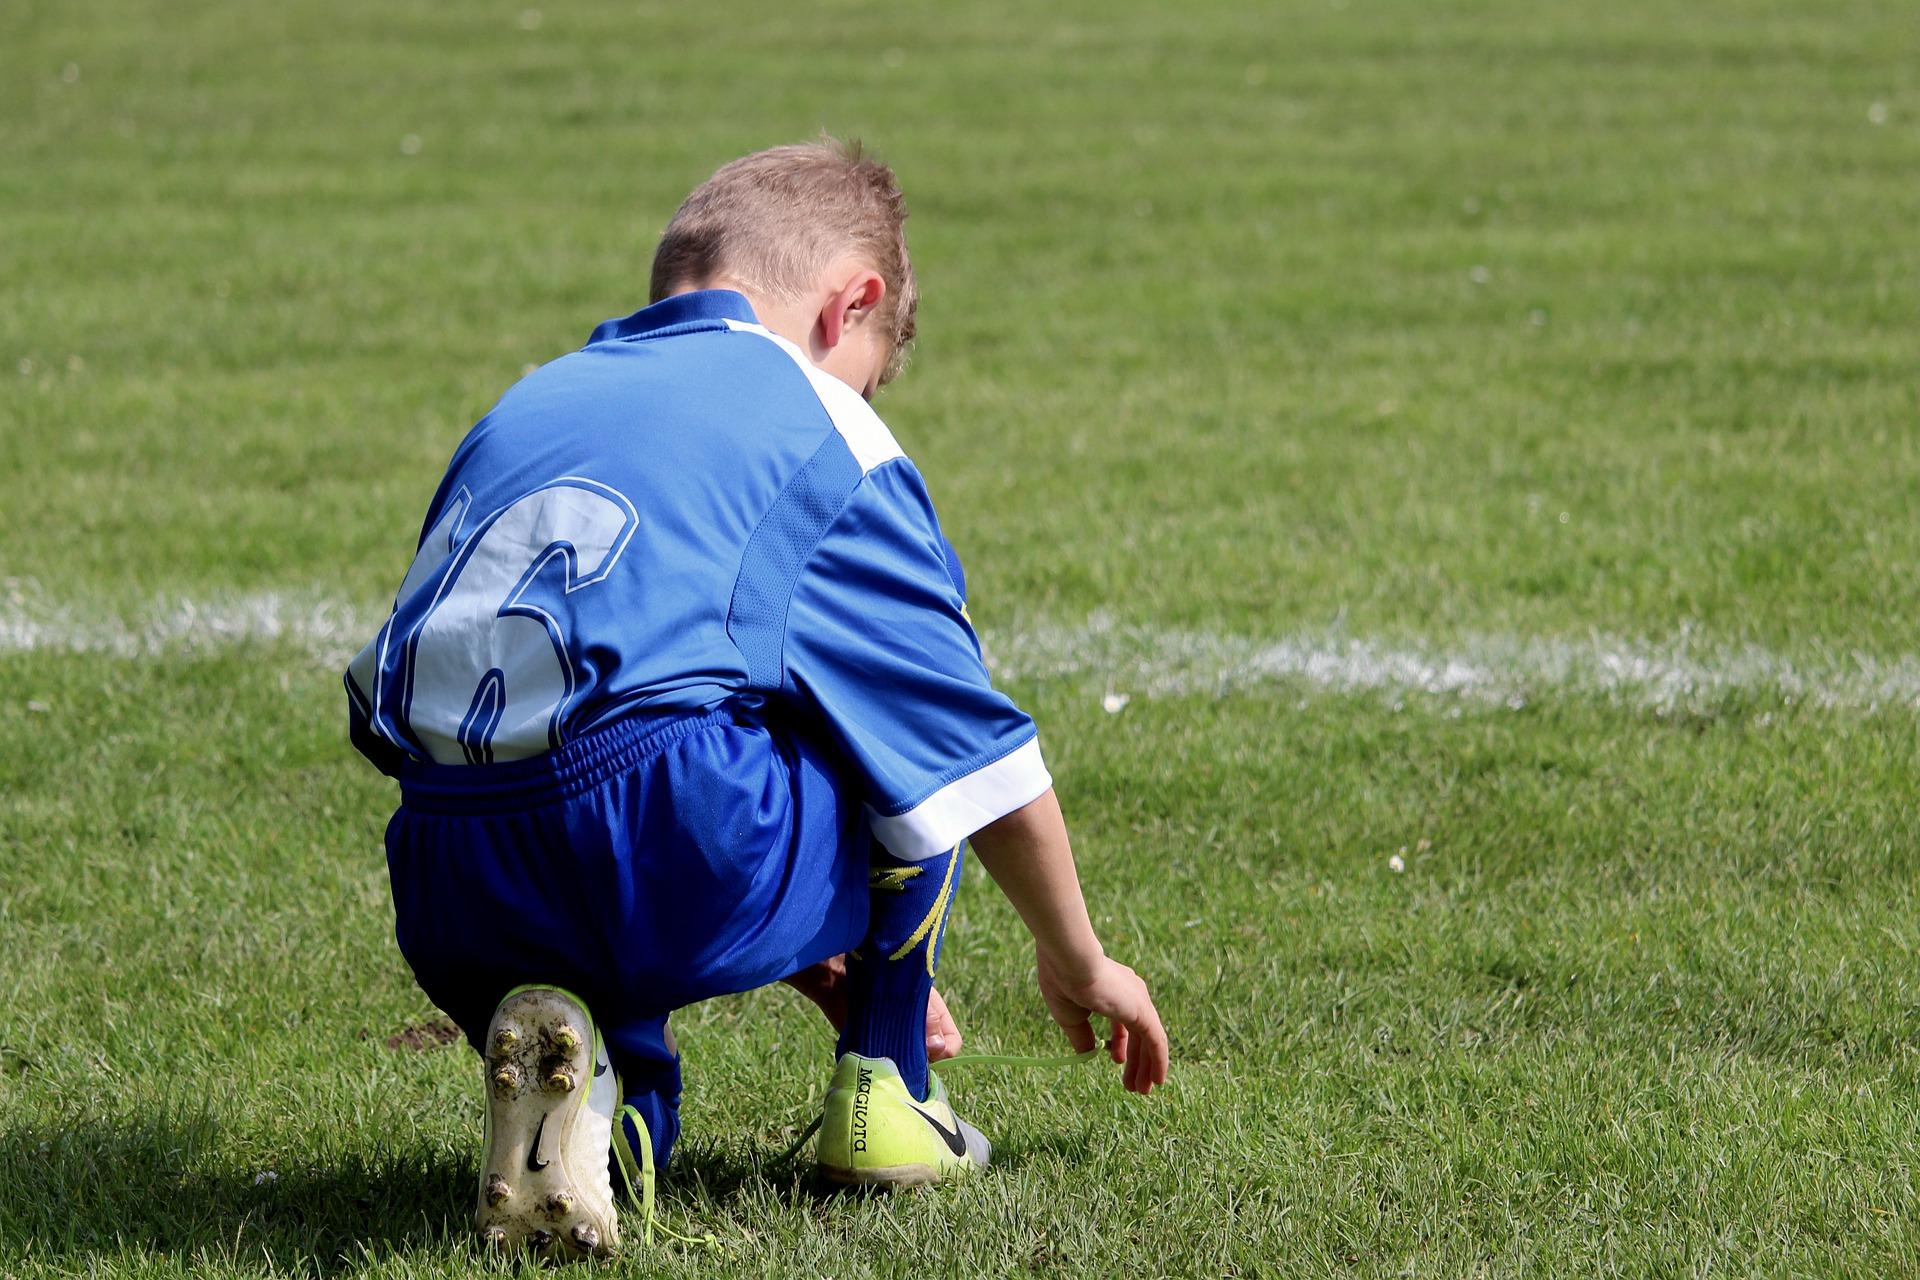 claudio ranieri - un bambino nel campo da calcio